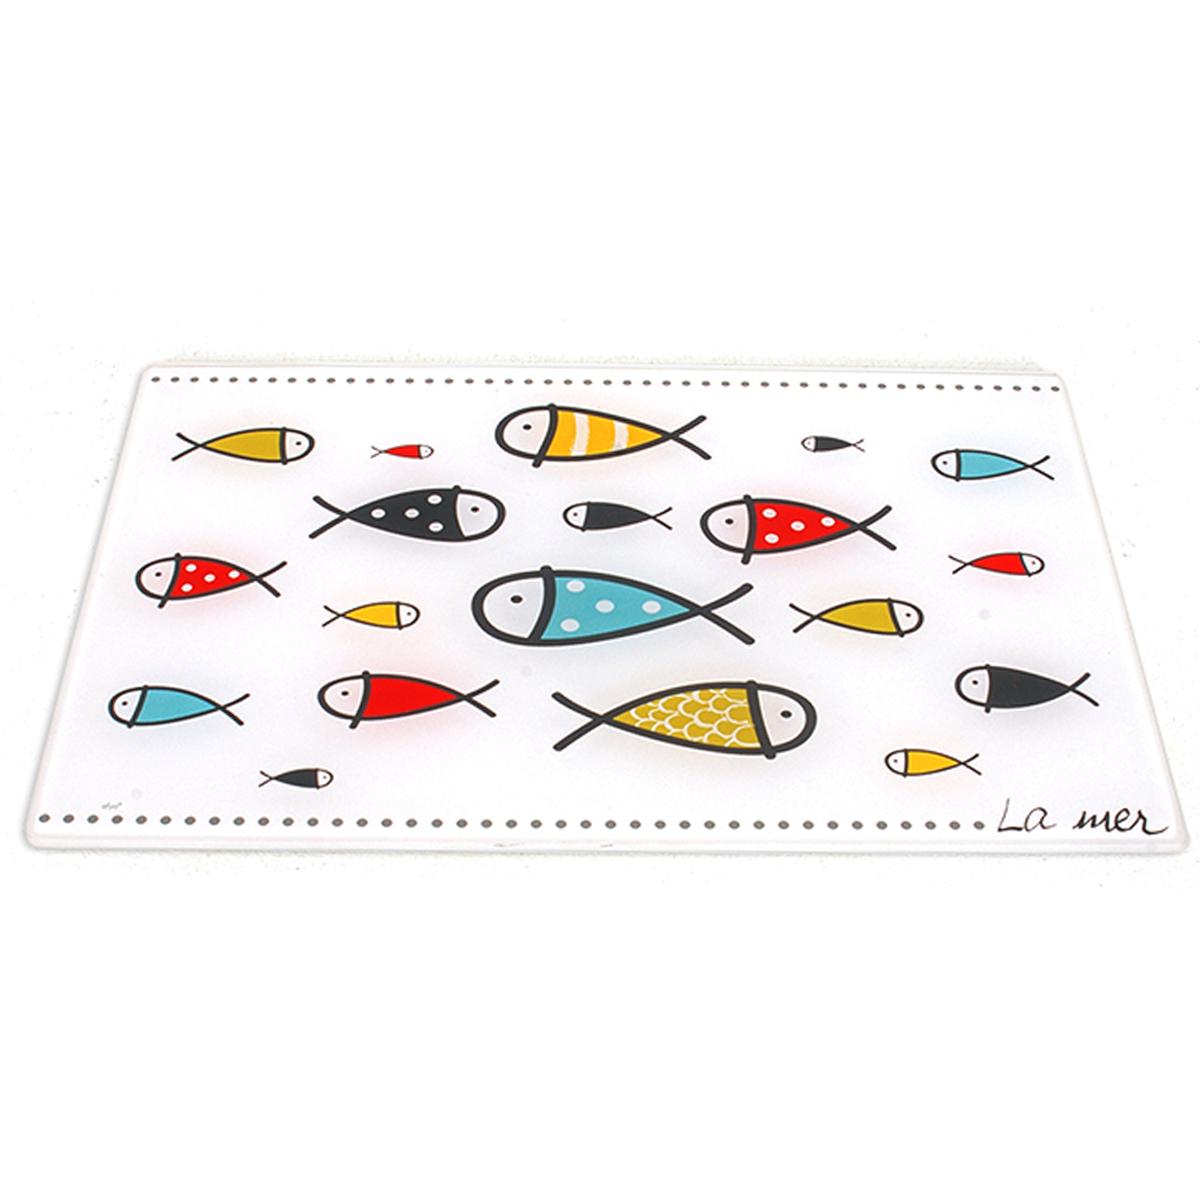 Planche à découpe / dessous de plat verre  \'Poissons - La mer\' multicolore blanc - 30x20 cm - [A0241]